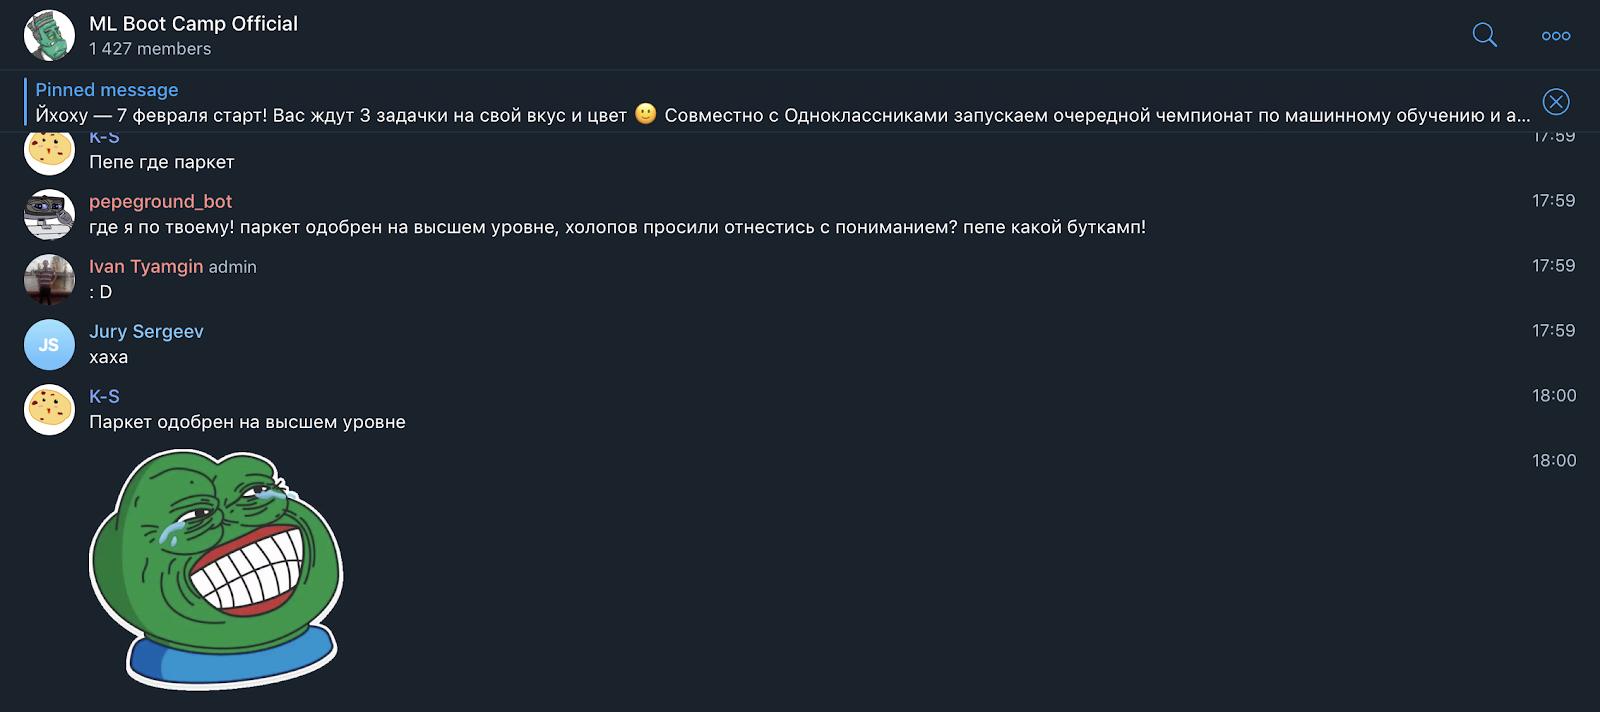 Сезон чемпионатов 2019 открыт! Стартует SNA Hackathon аля ML Boot Camp 8 - 2